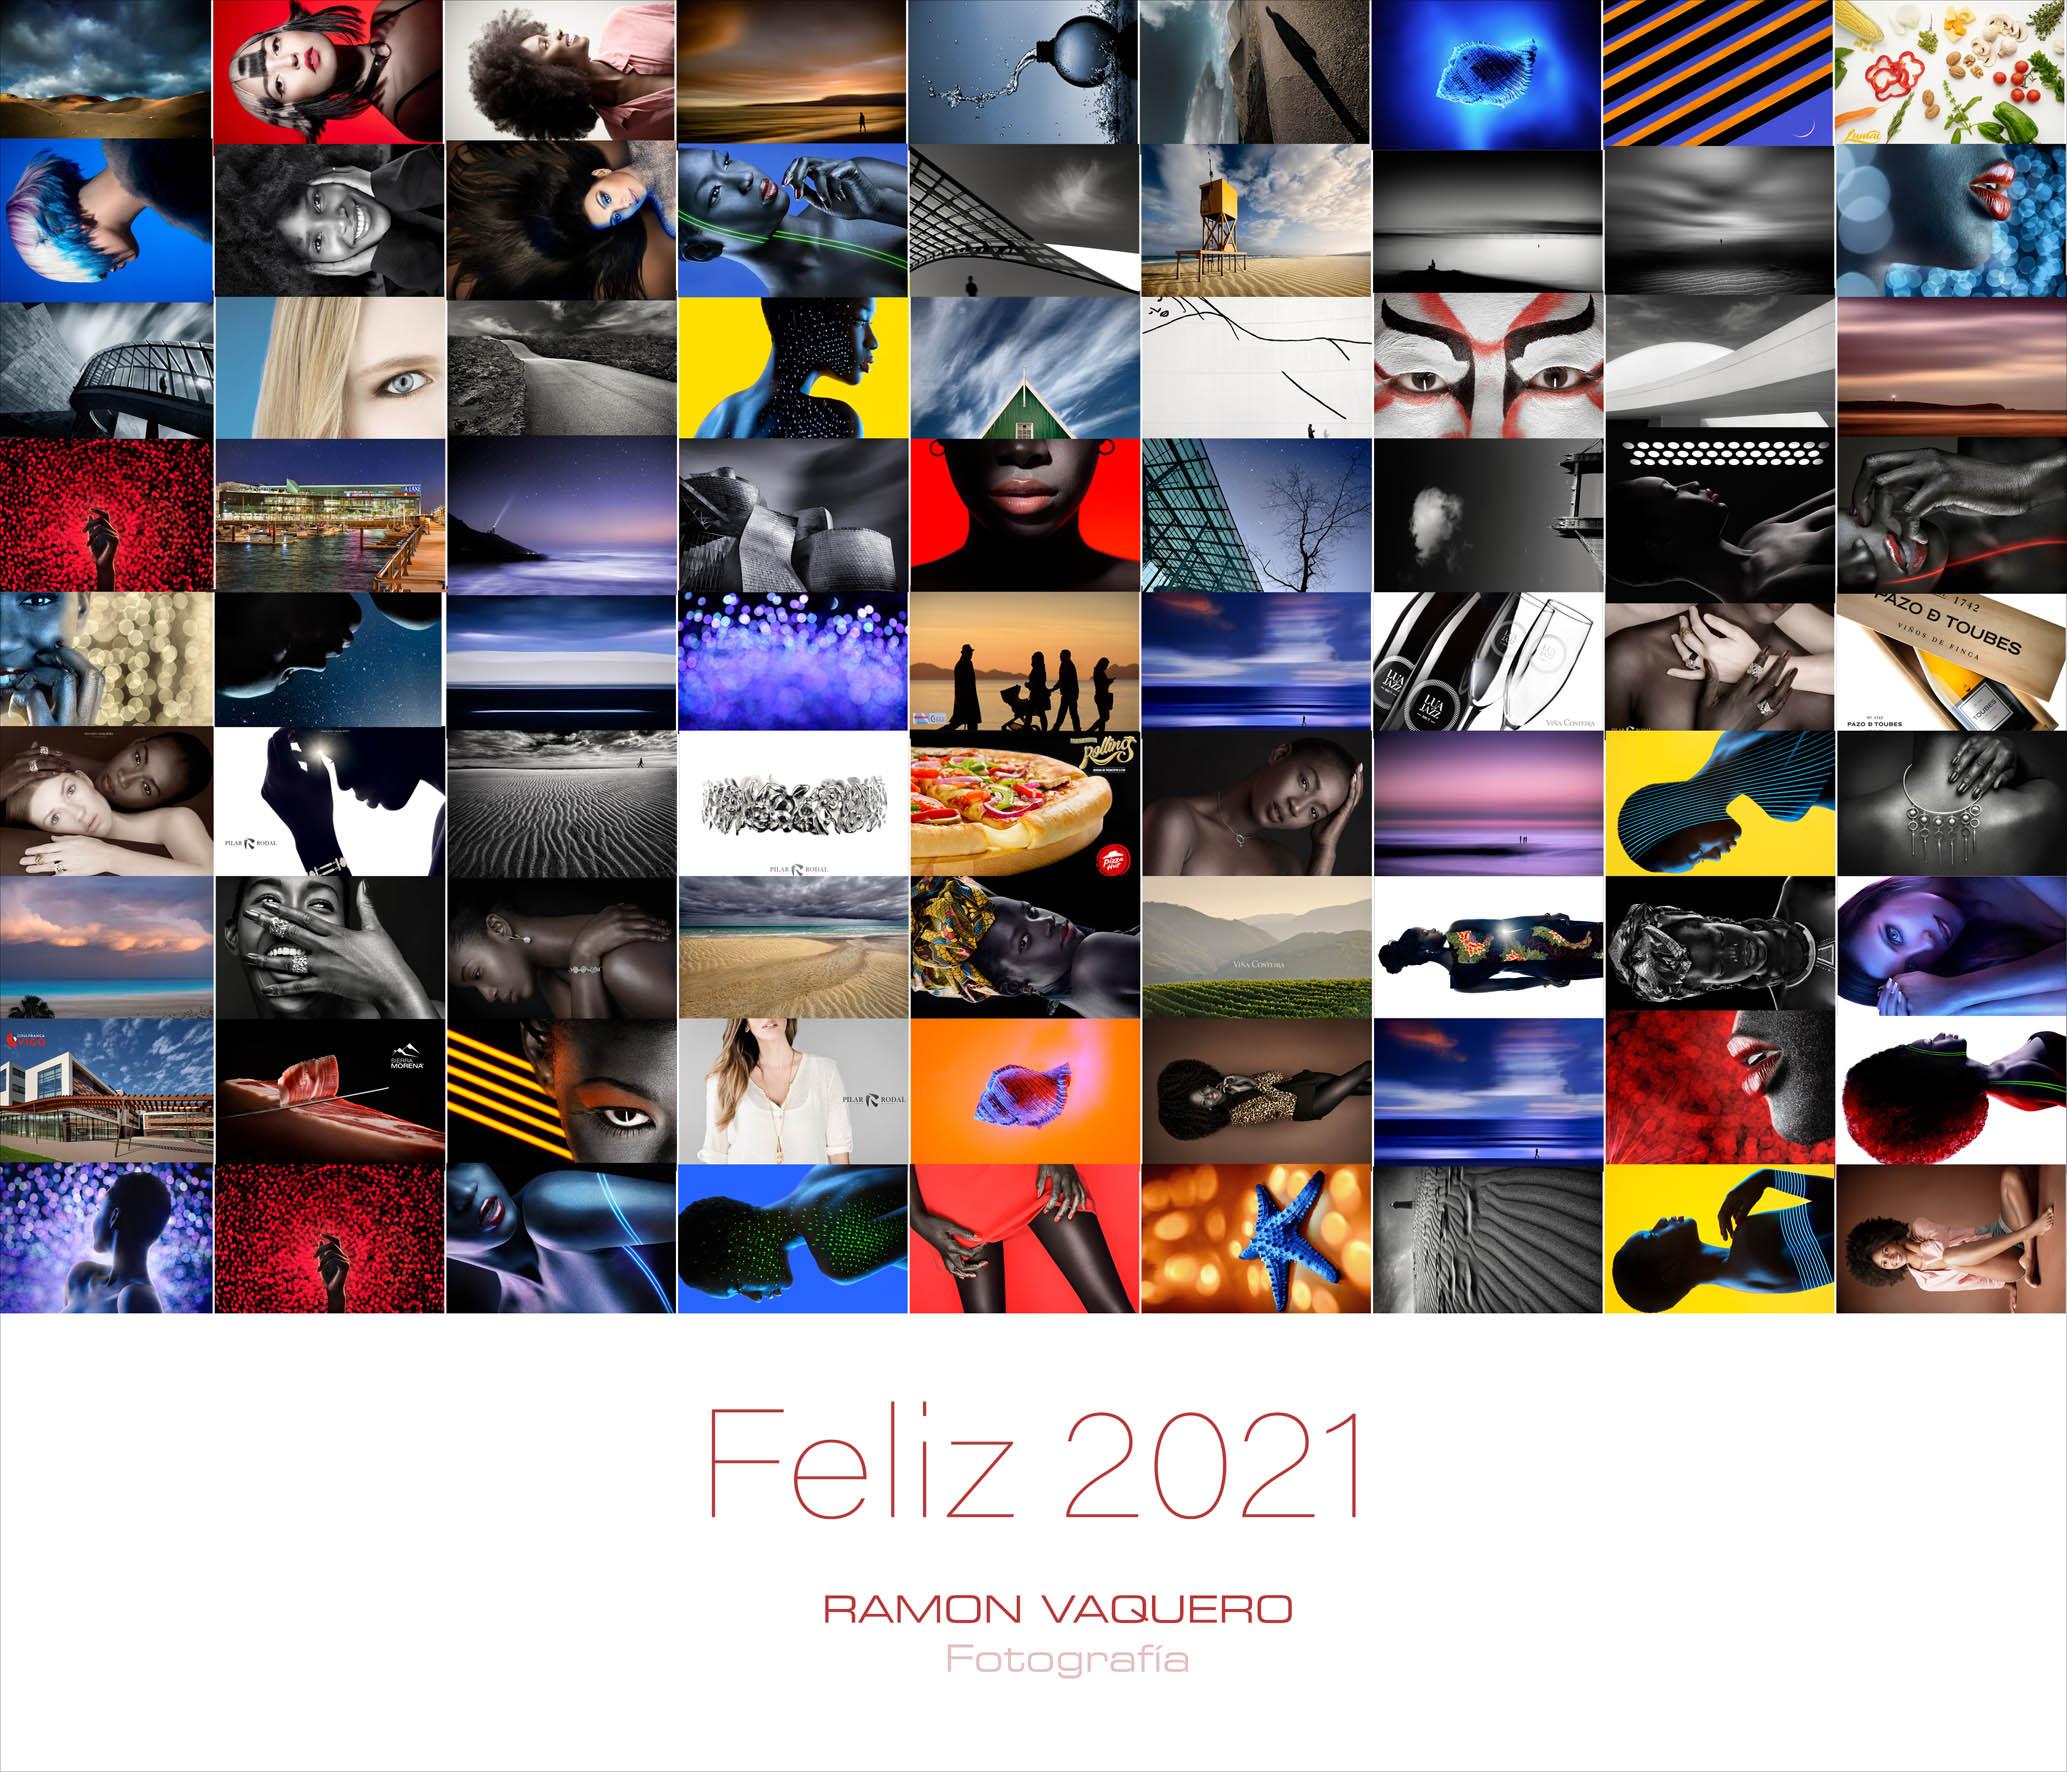 Ramon_vaquero_postal_2021